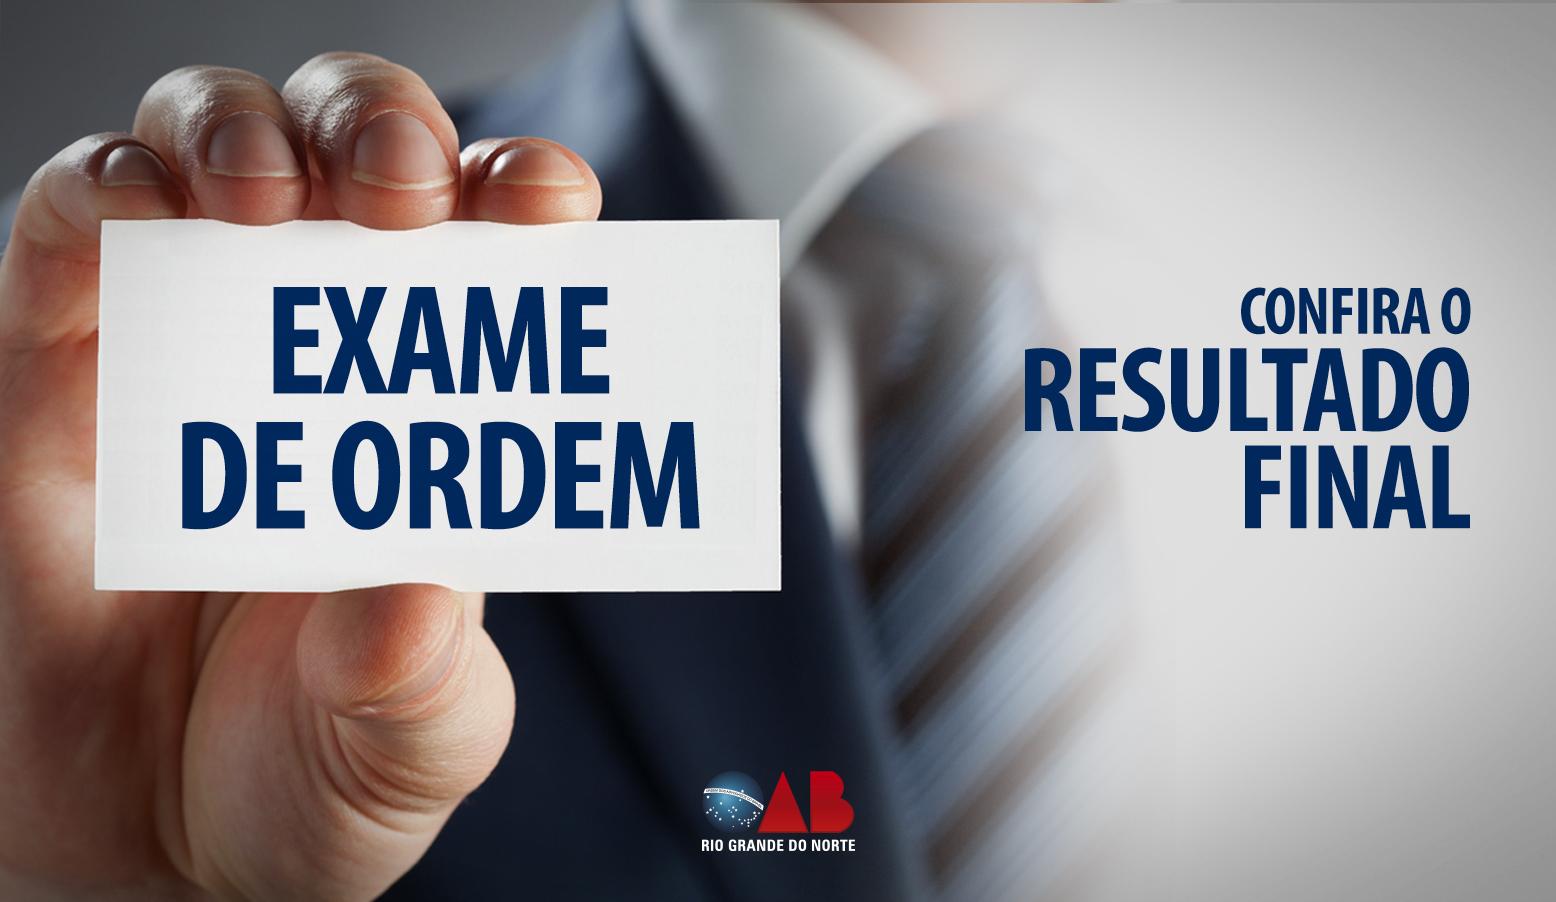 Confira o resultado final da 2ª fase do XXIV Exame de Ordem Unificado